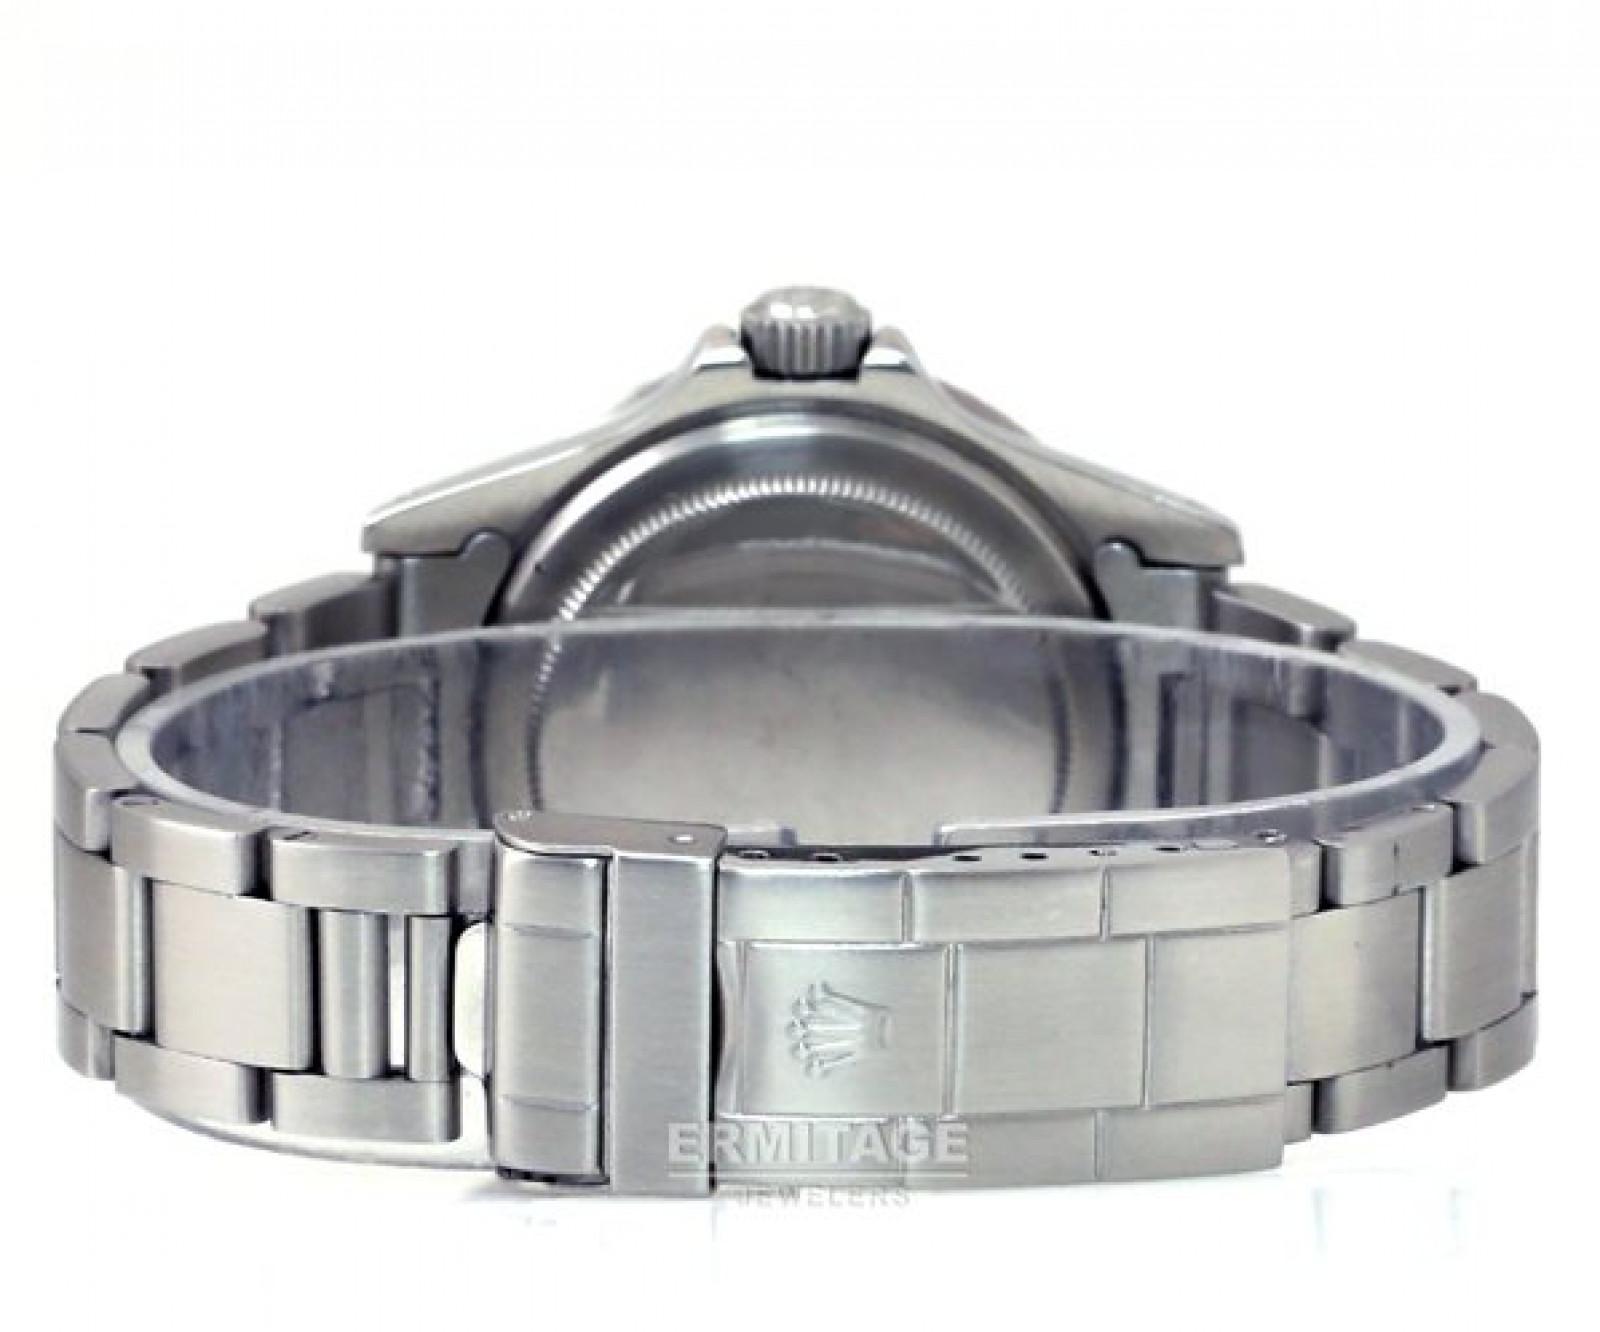 Vintage Rolex Submariner 1680 Steel